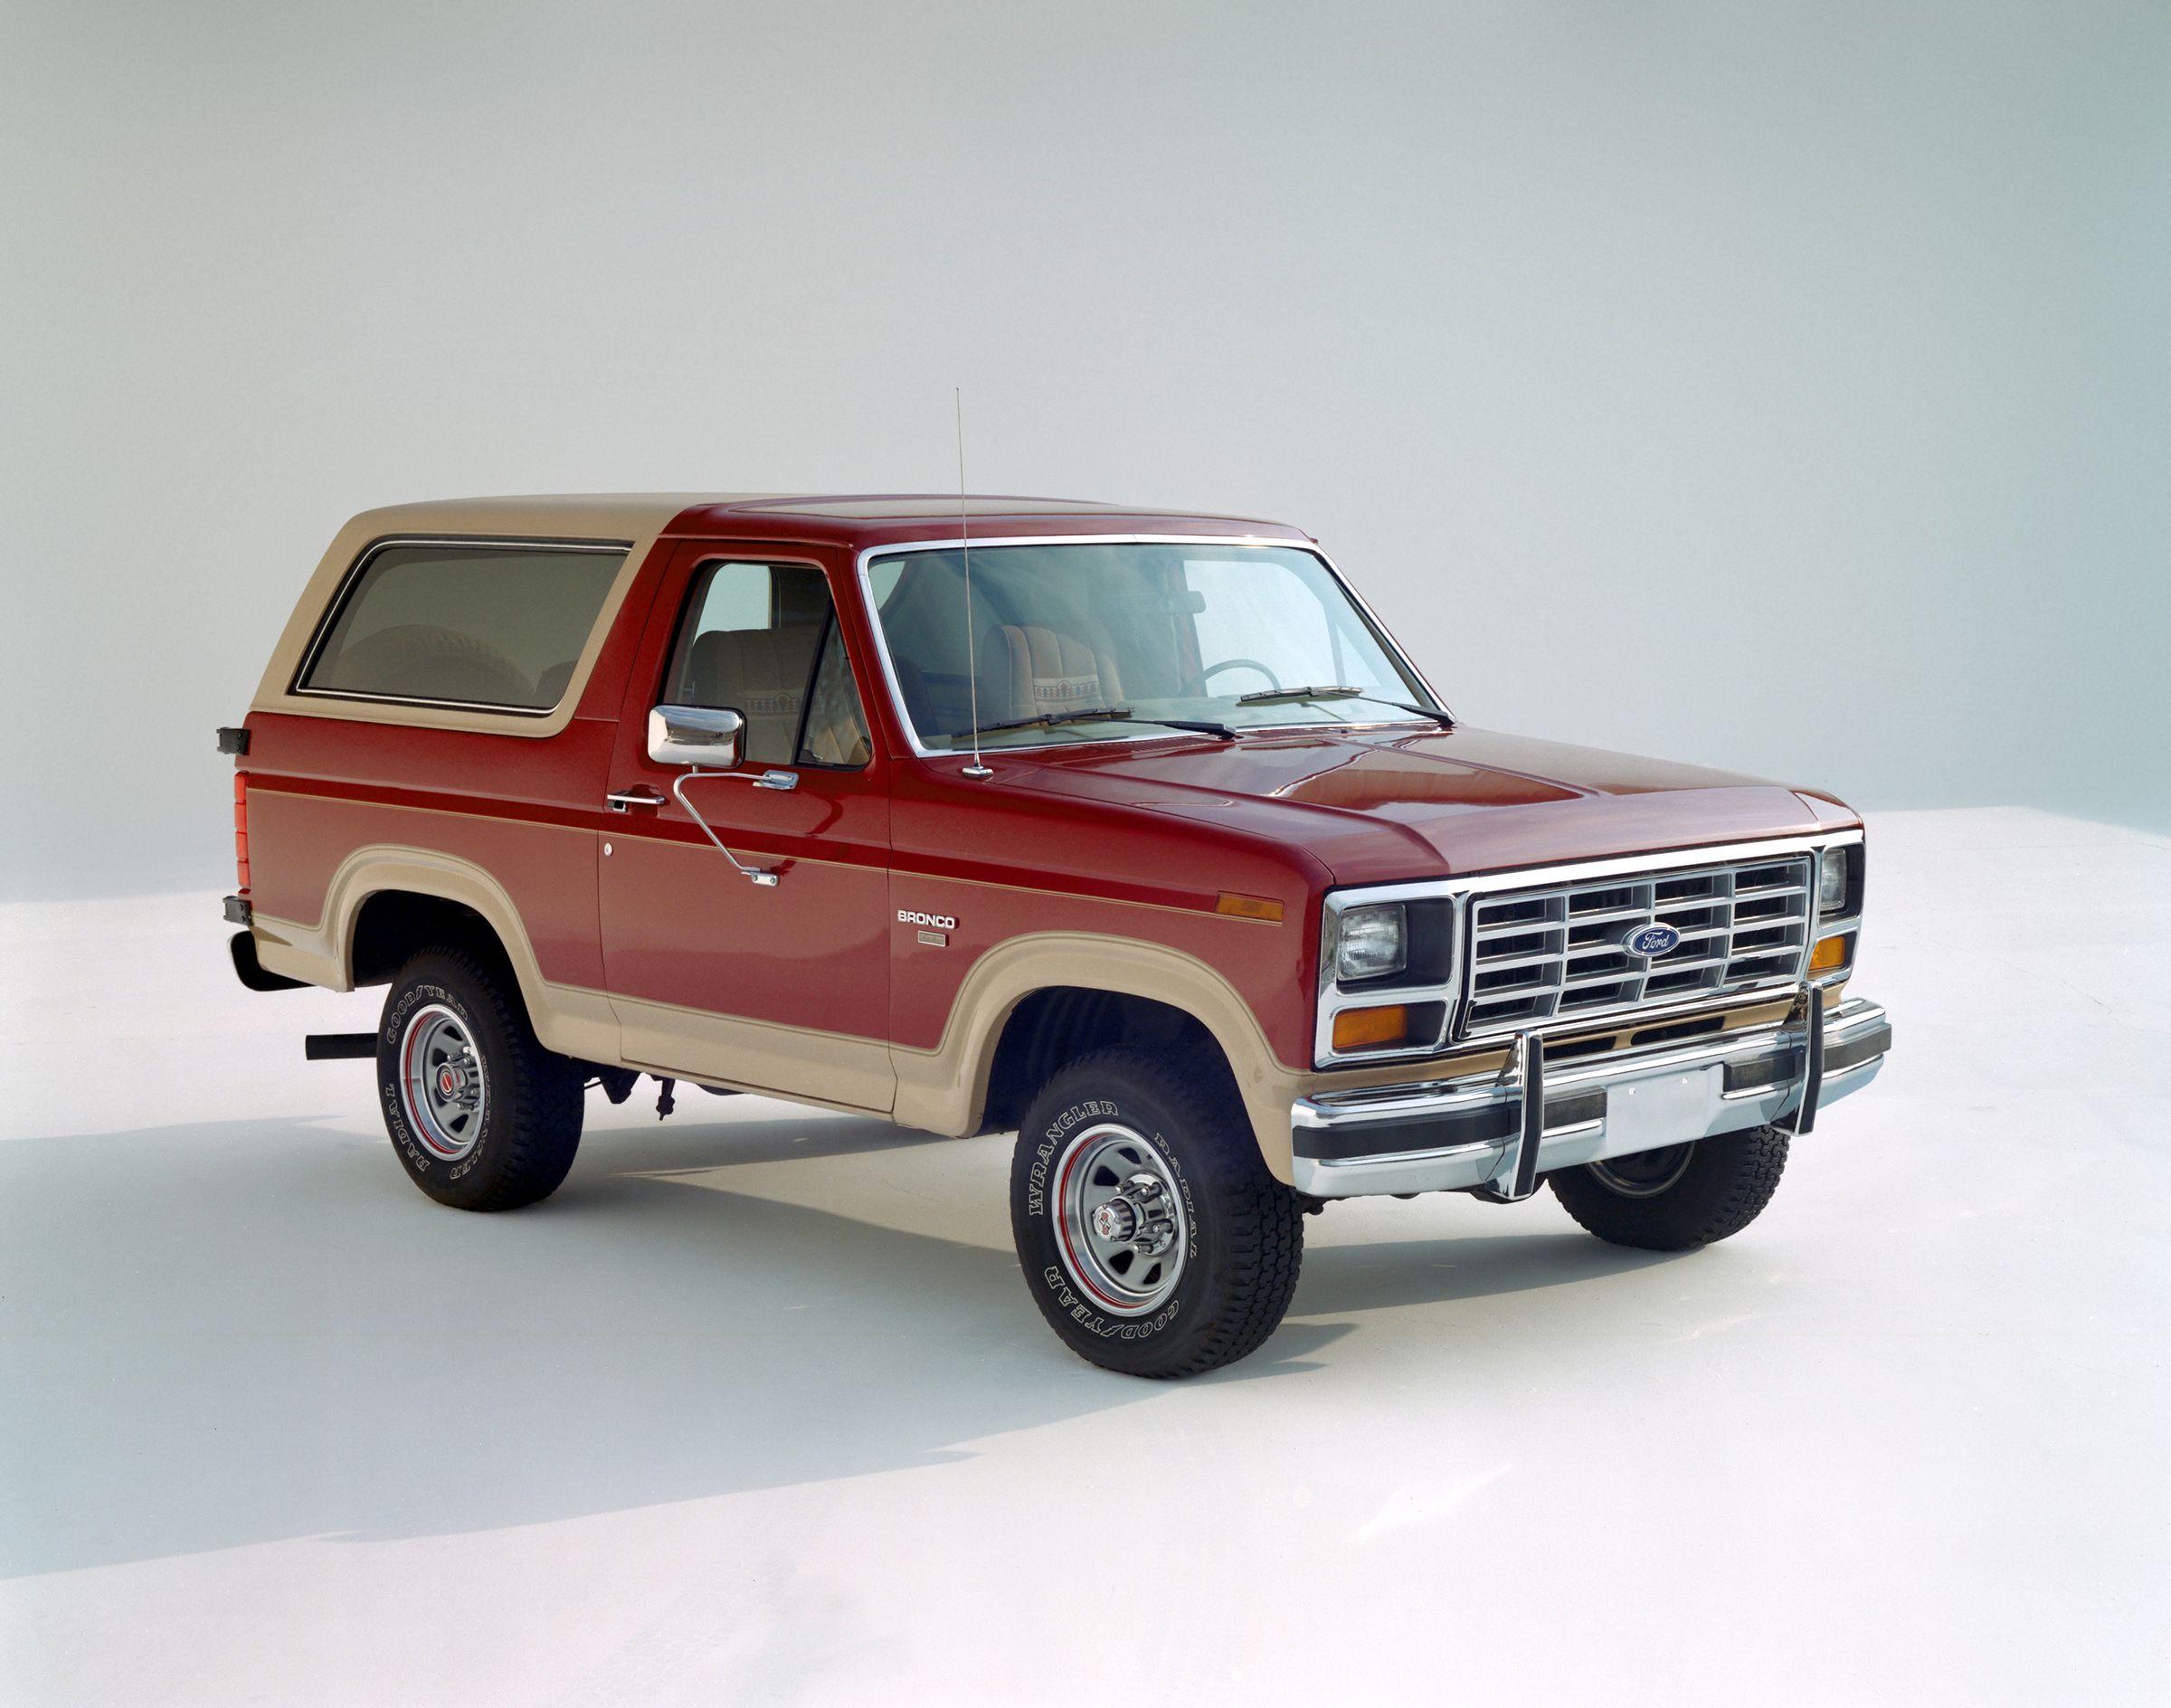 1985 Ford Bronco Eddie Bauer Ford Bronco Ford Suv Bronco